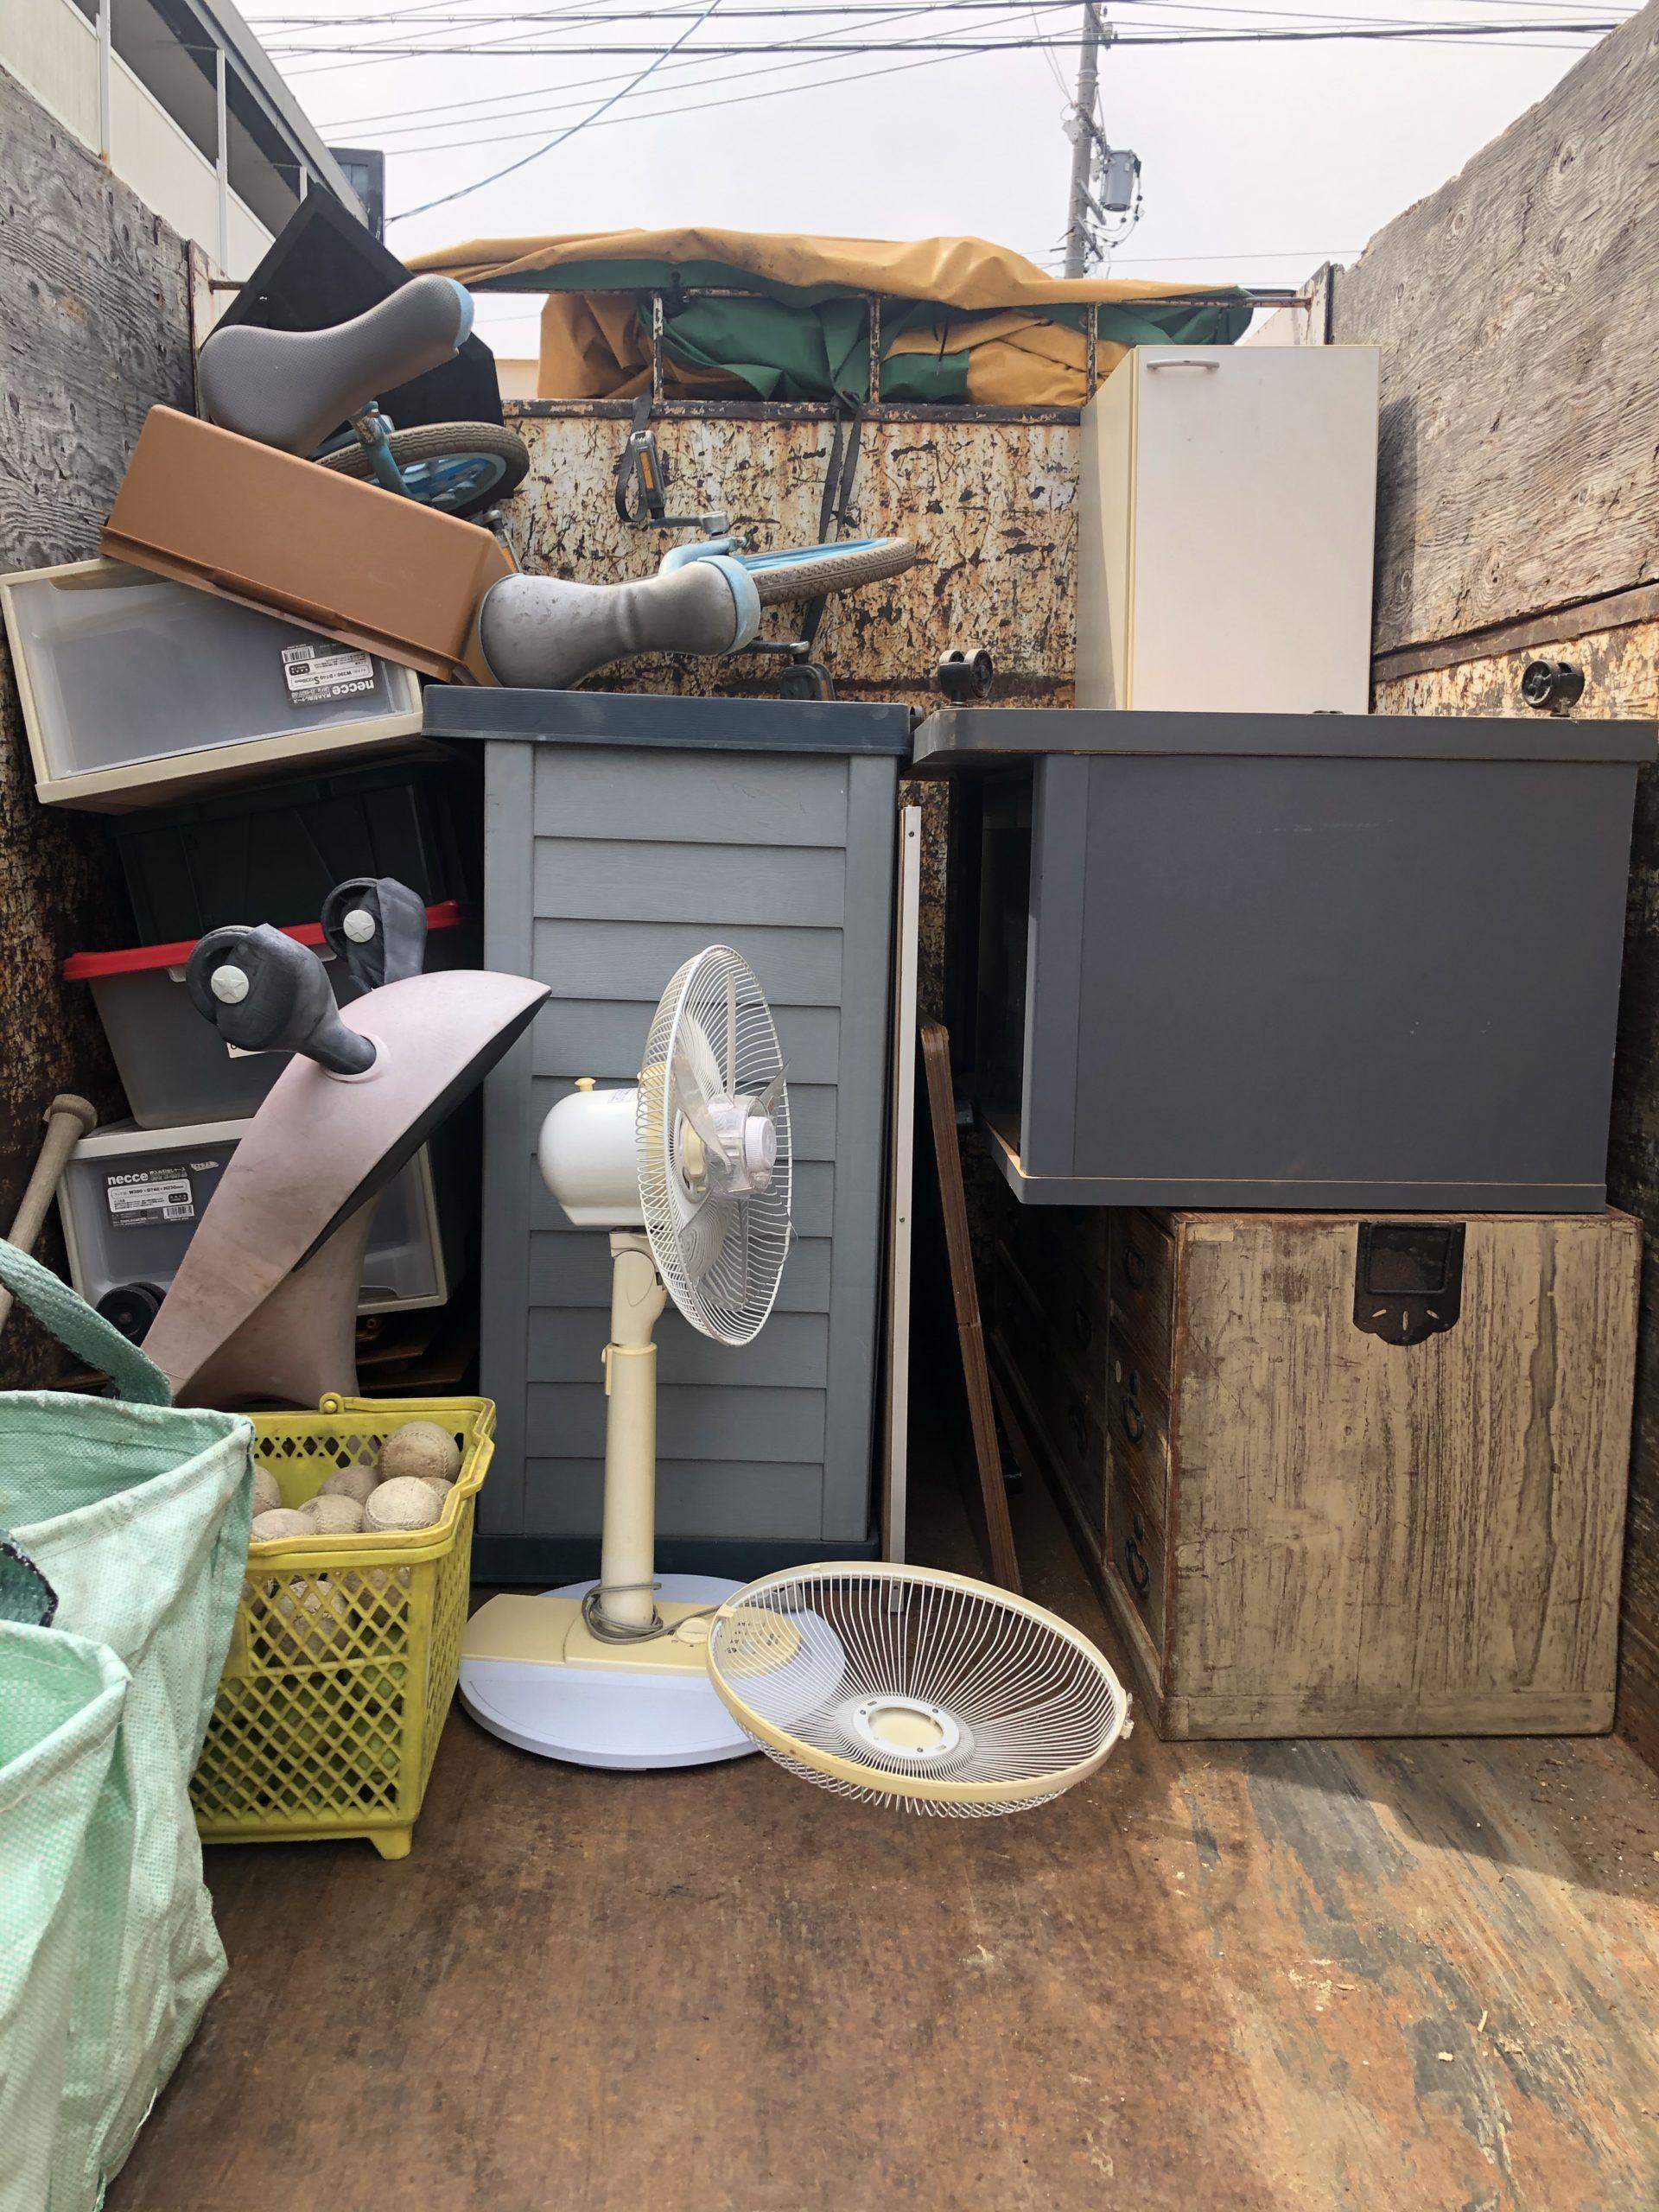 鈴鹿市で不用品回収や不用品処分、津市で解体工事や見積もり業者なら株式会社kousui